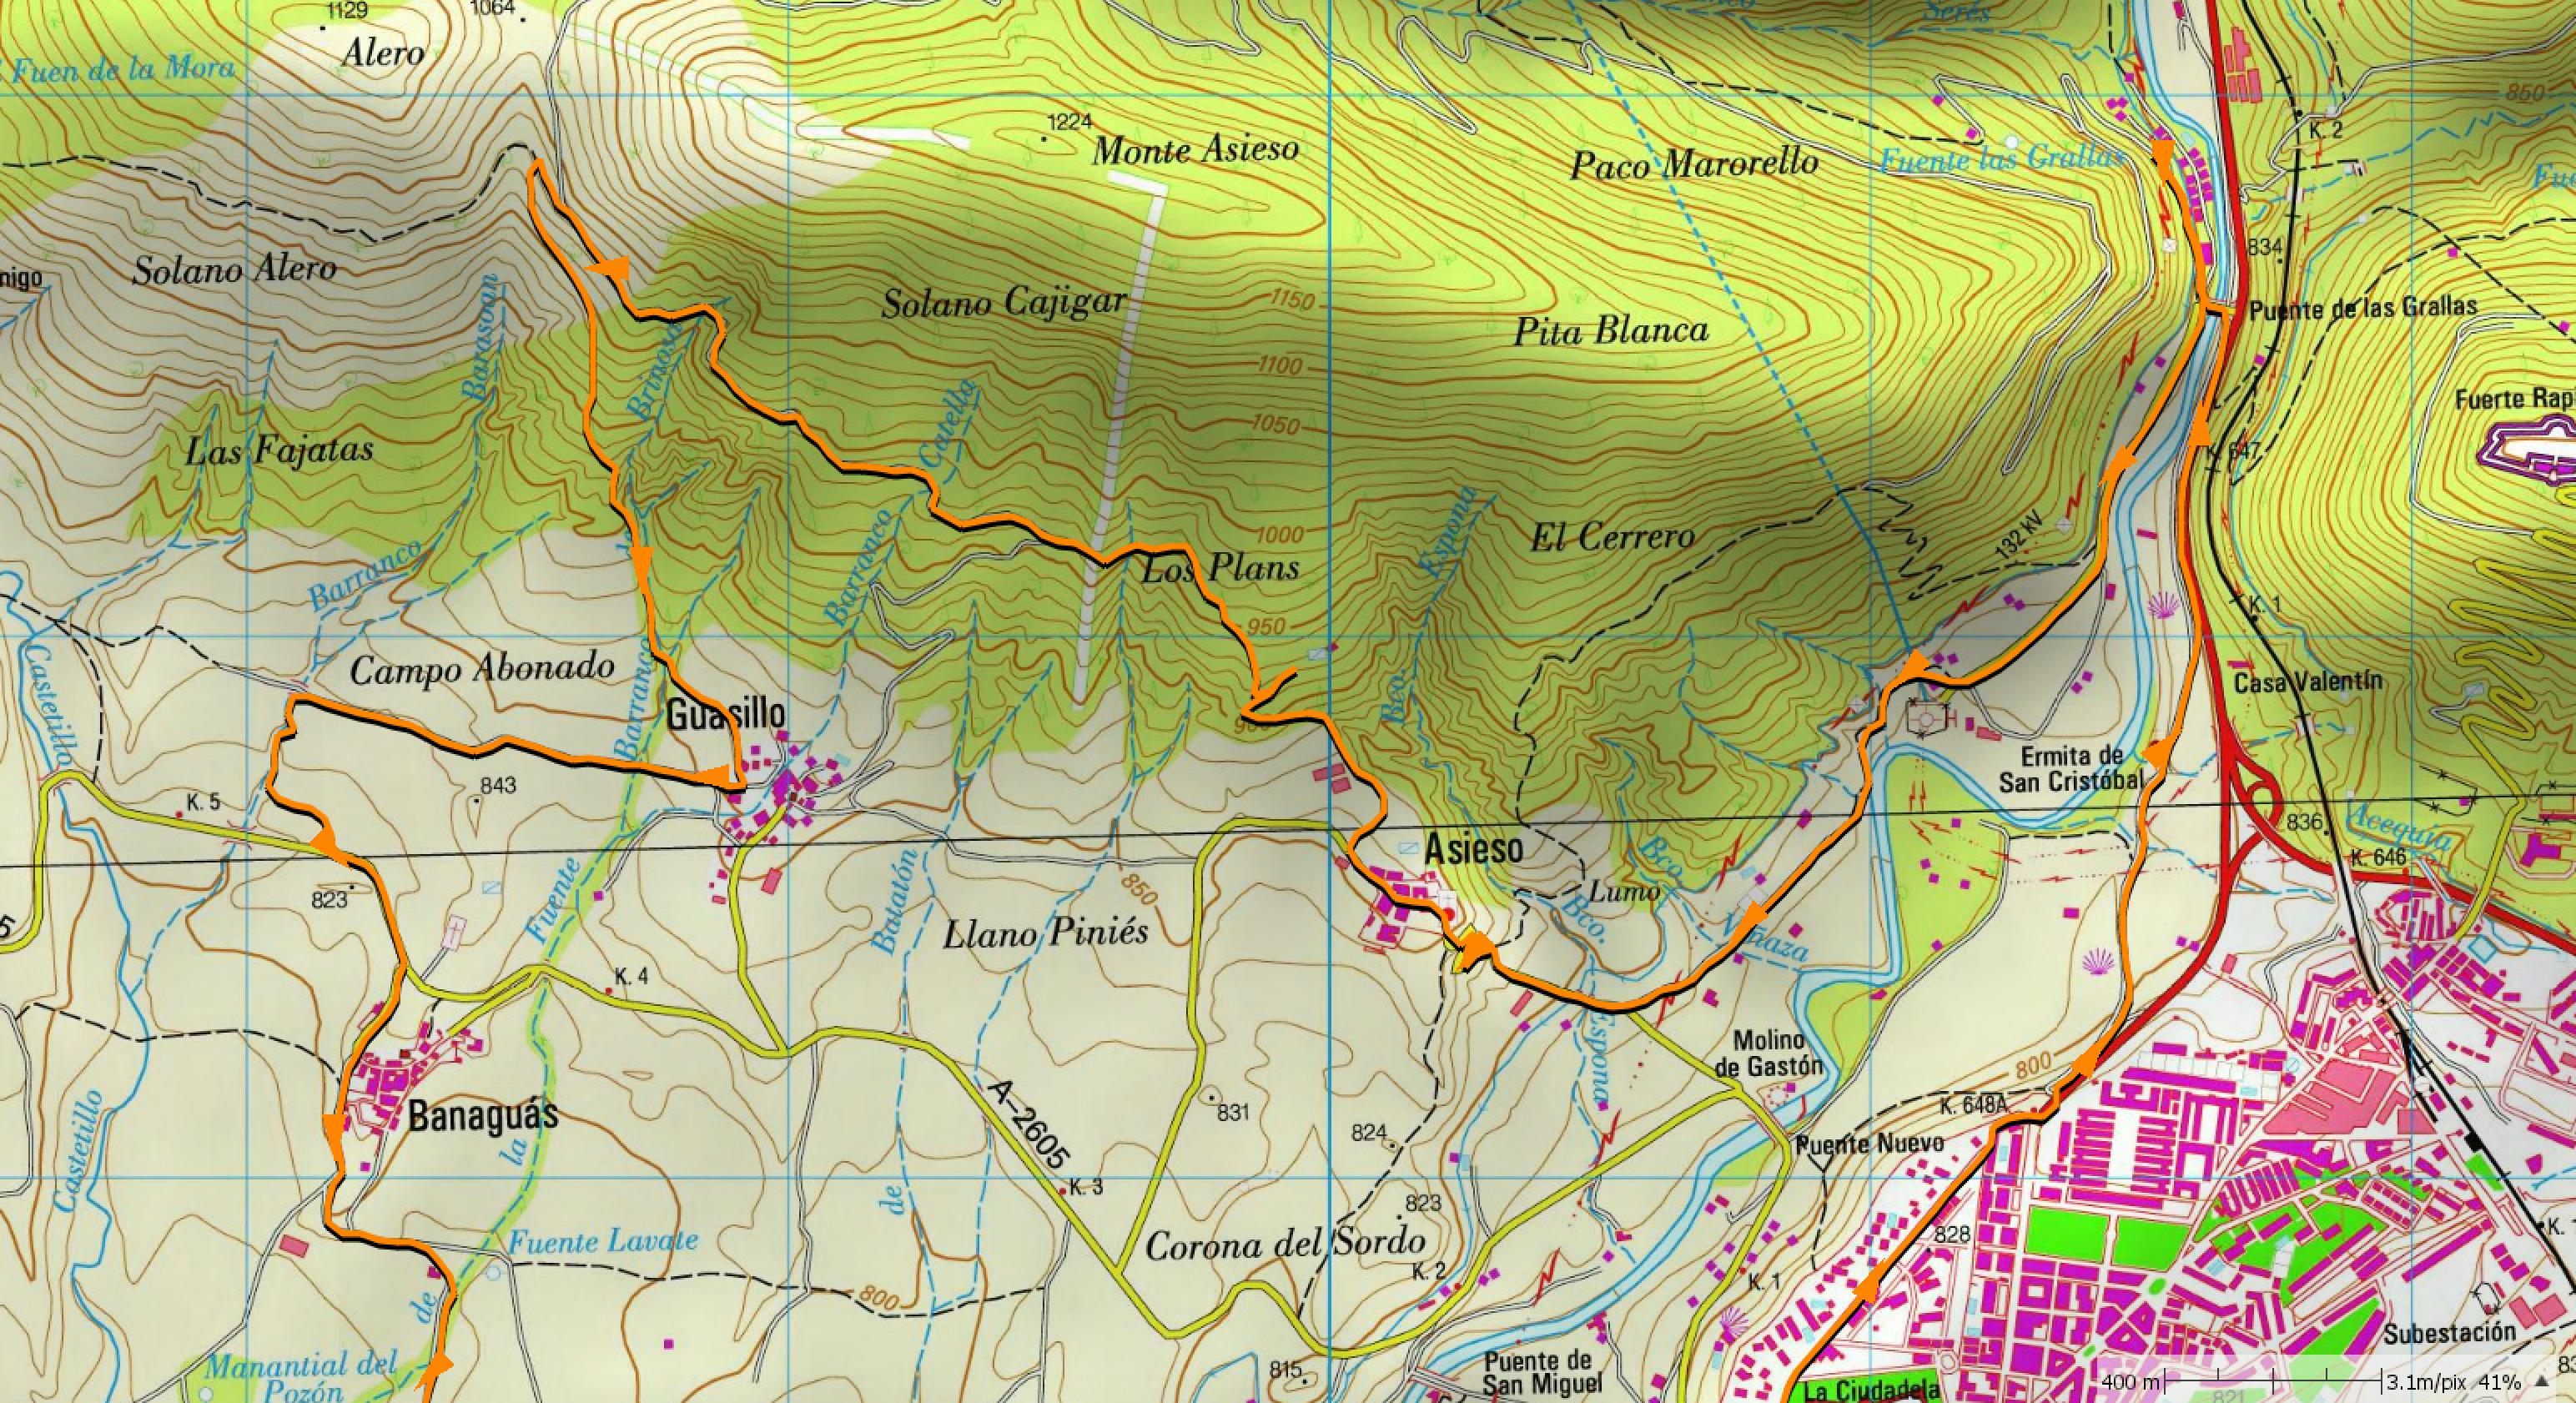 Mapa IGN; detalle de sendas Asieso y Guasillo